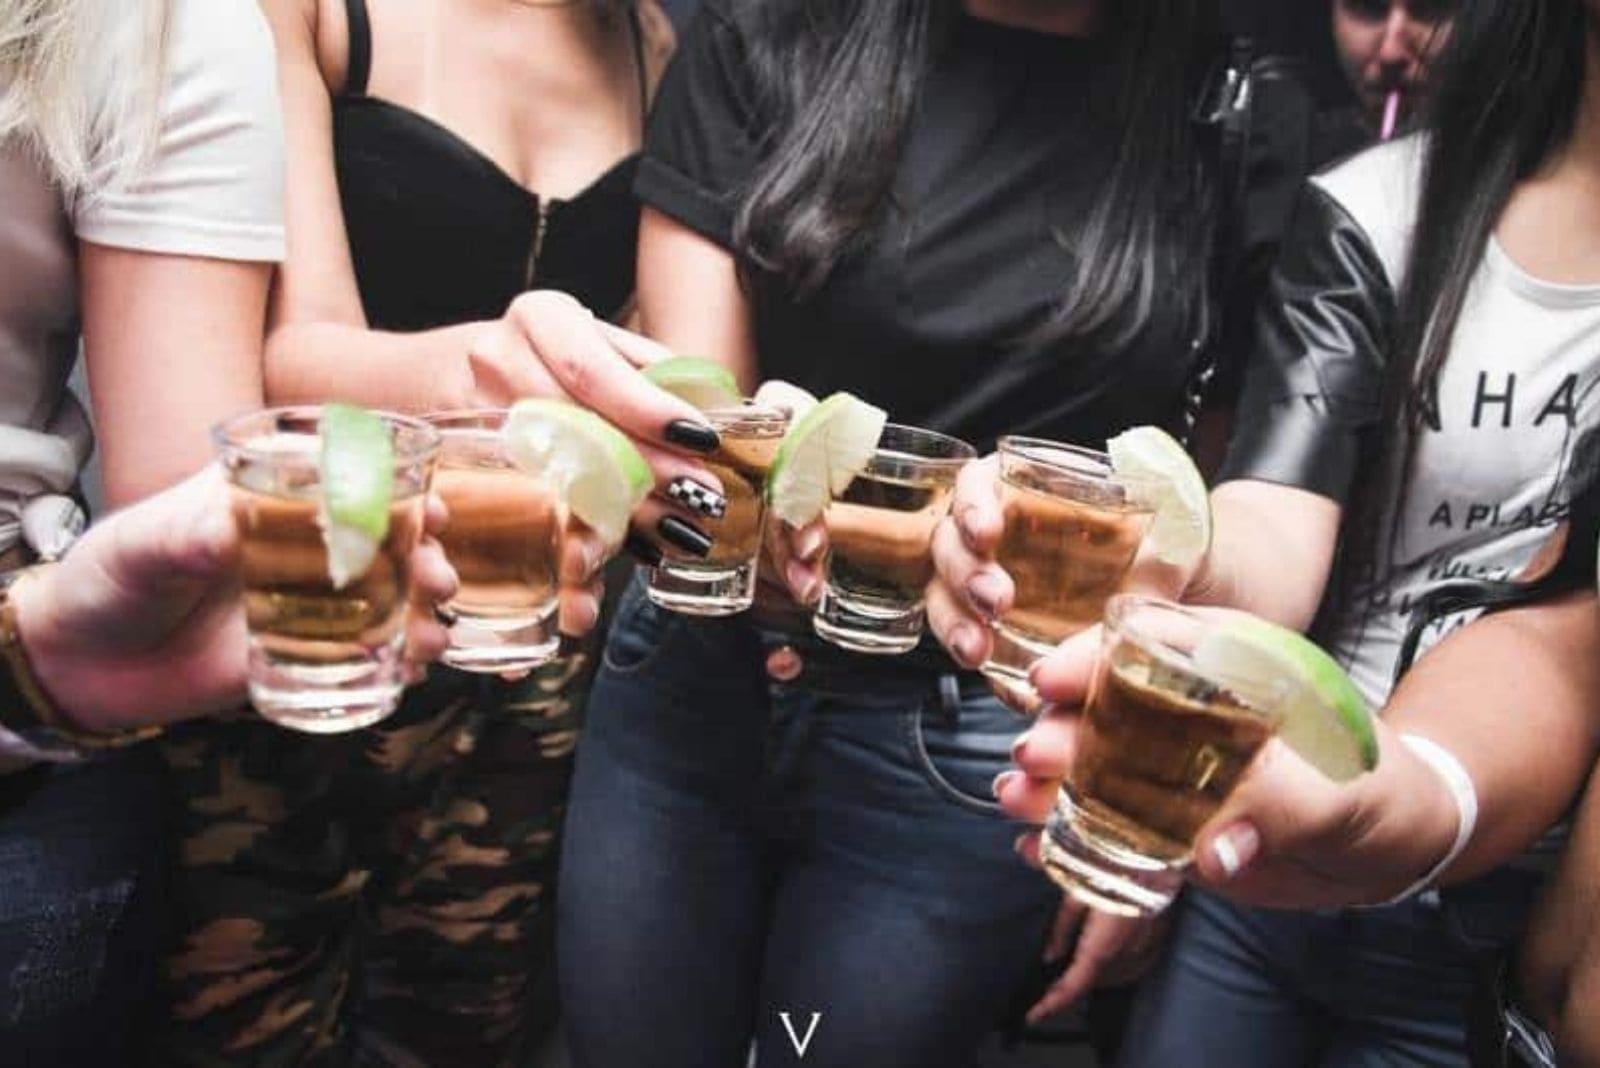 friends drink tequila